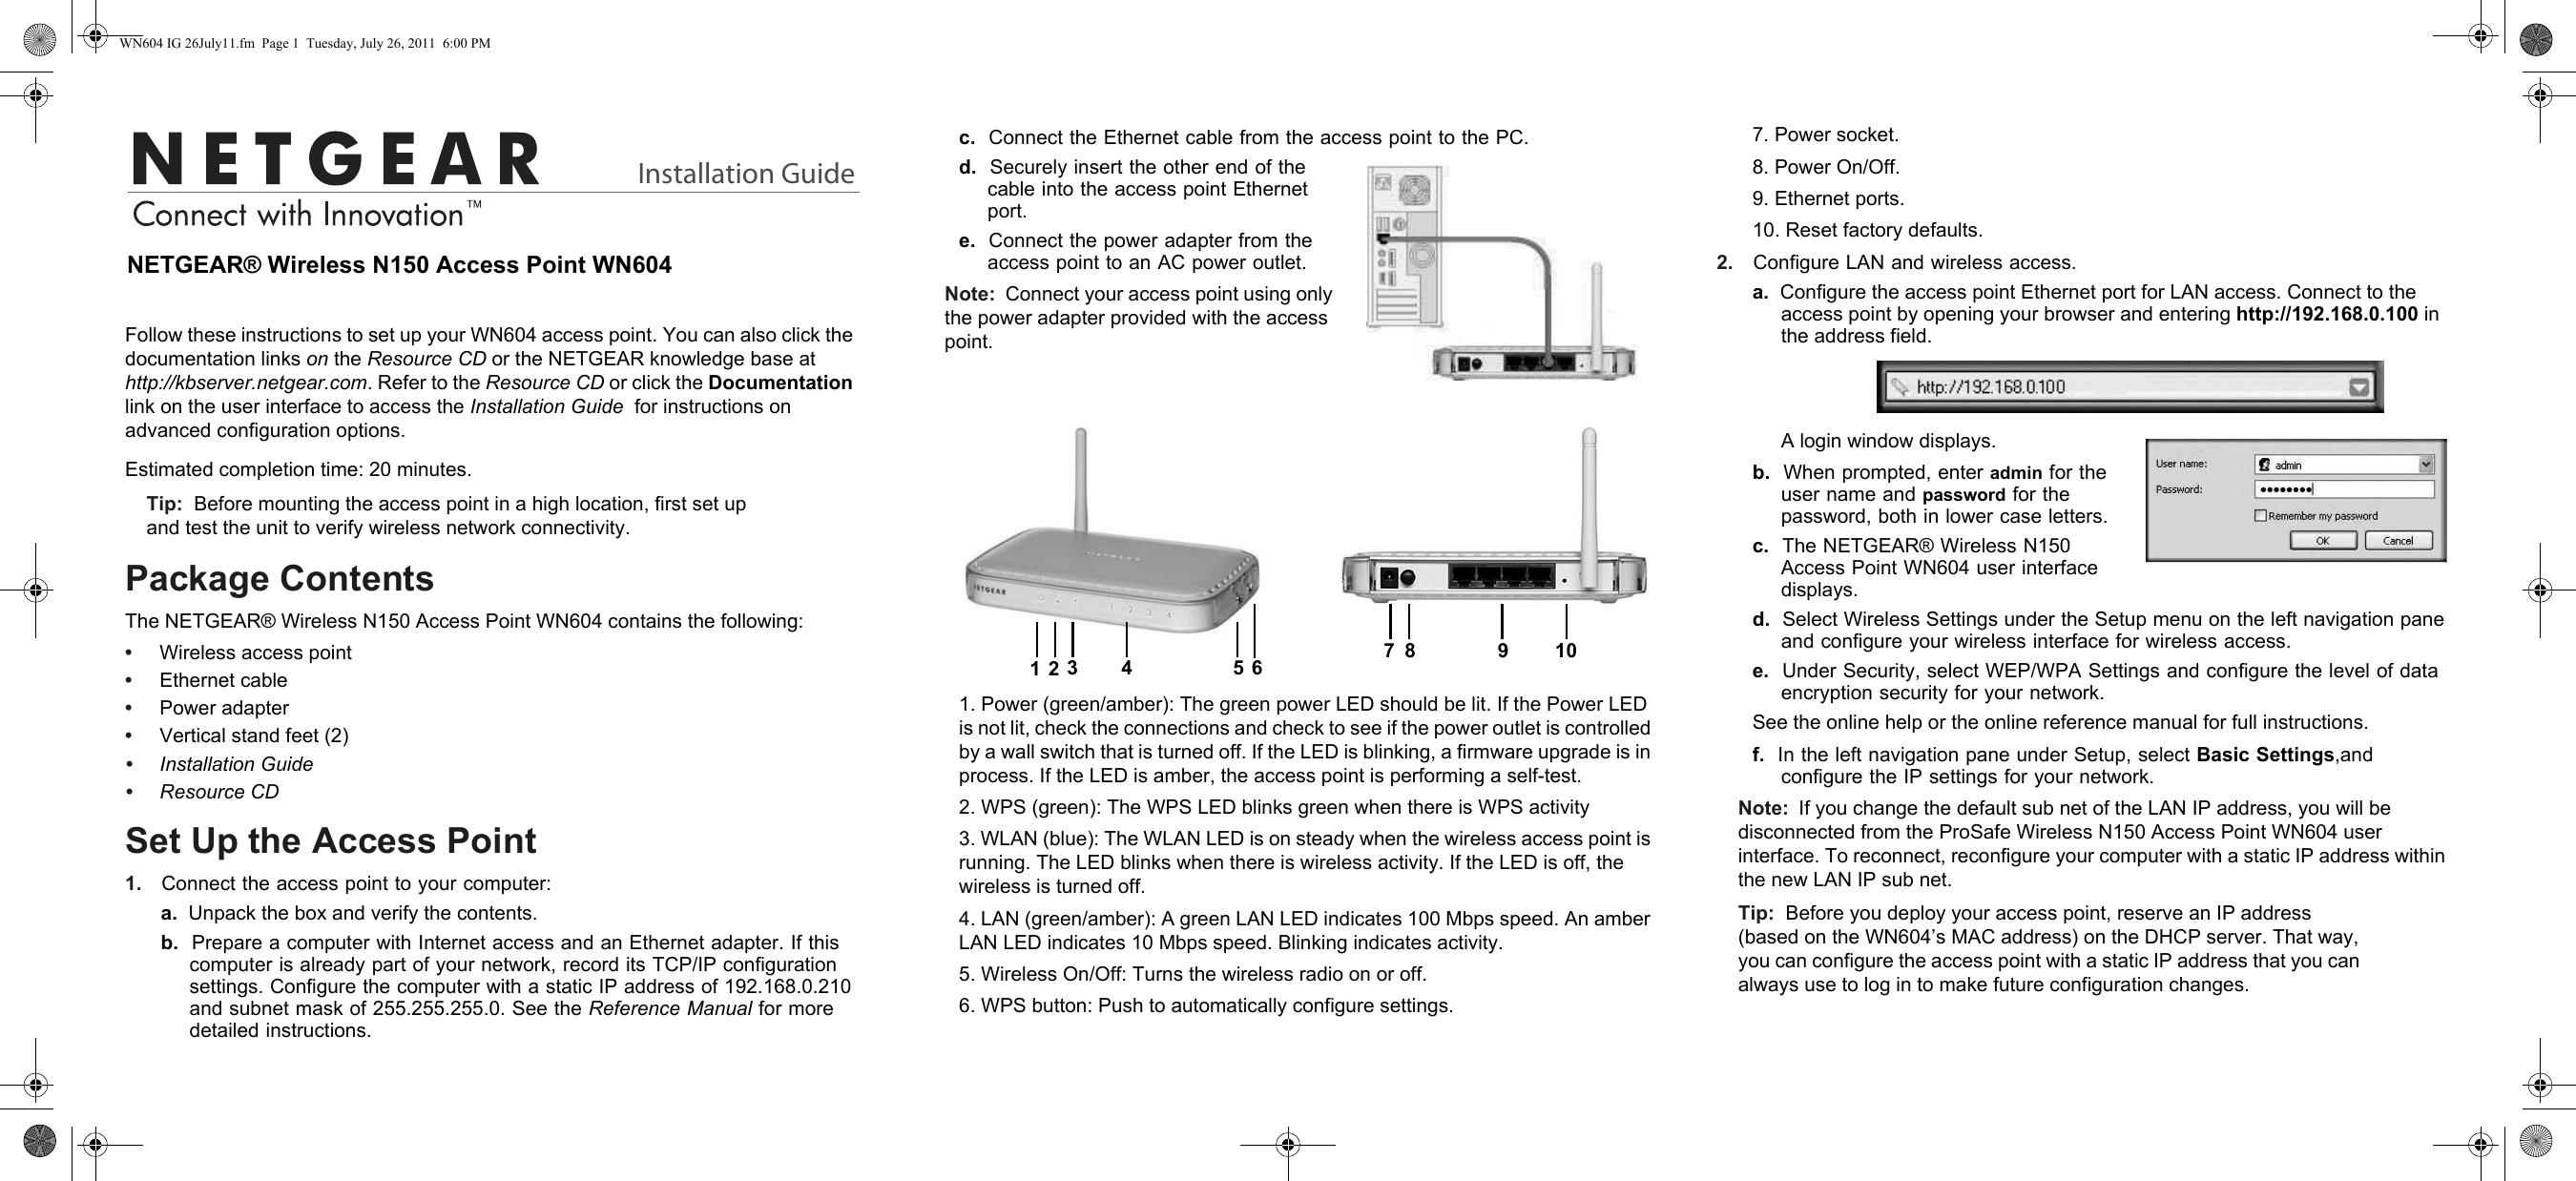 Netgear Wn604 Ieee 802 11N 150 Mbps Wireless Access Point